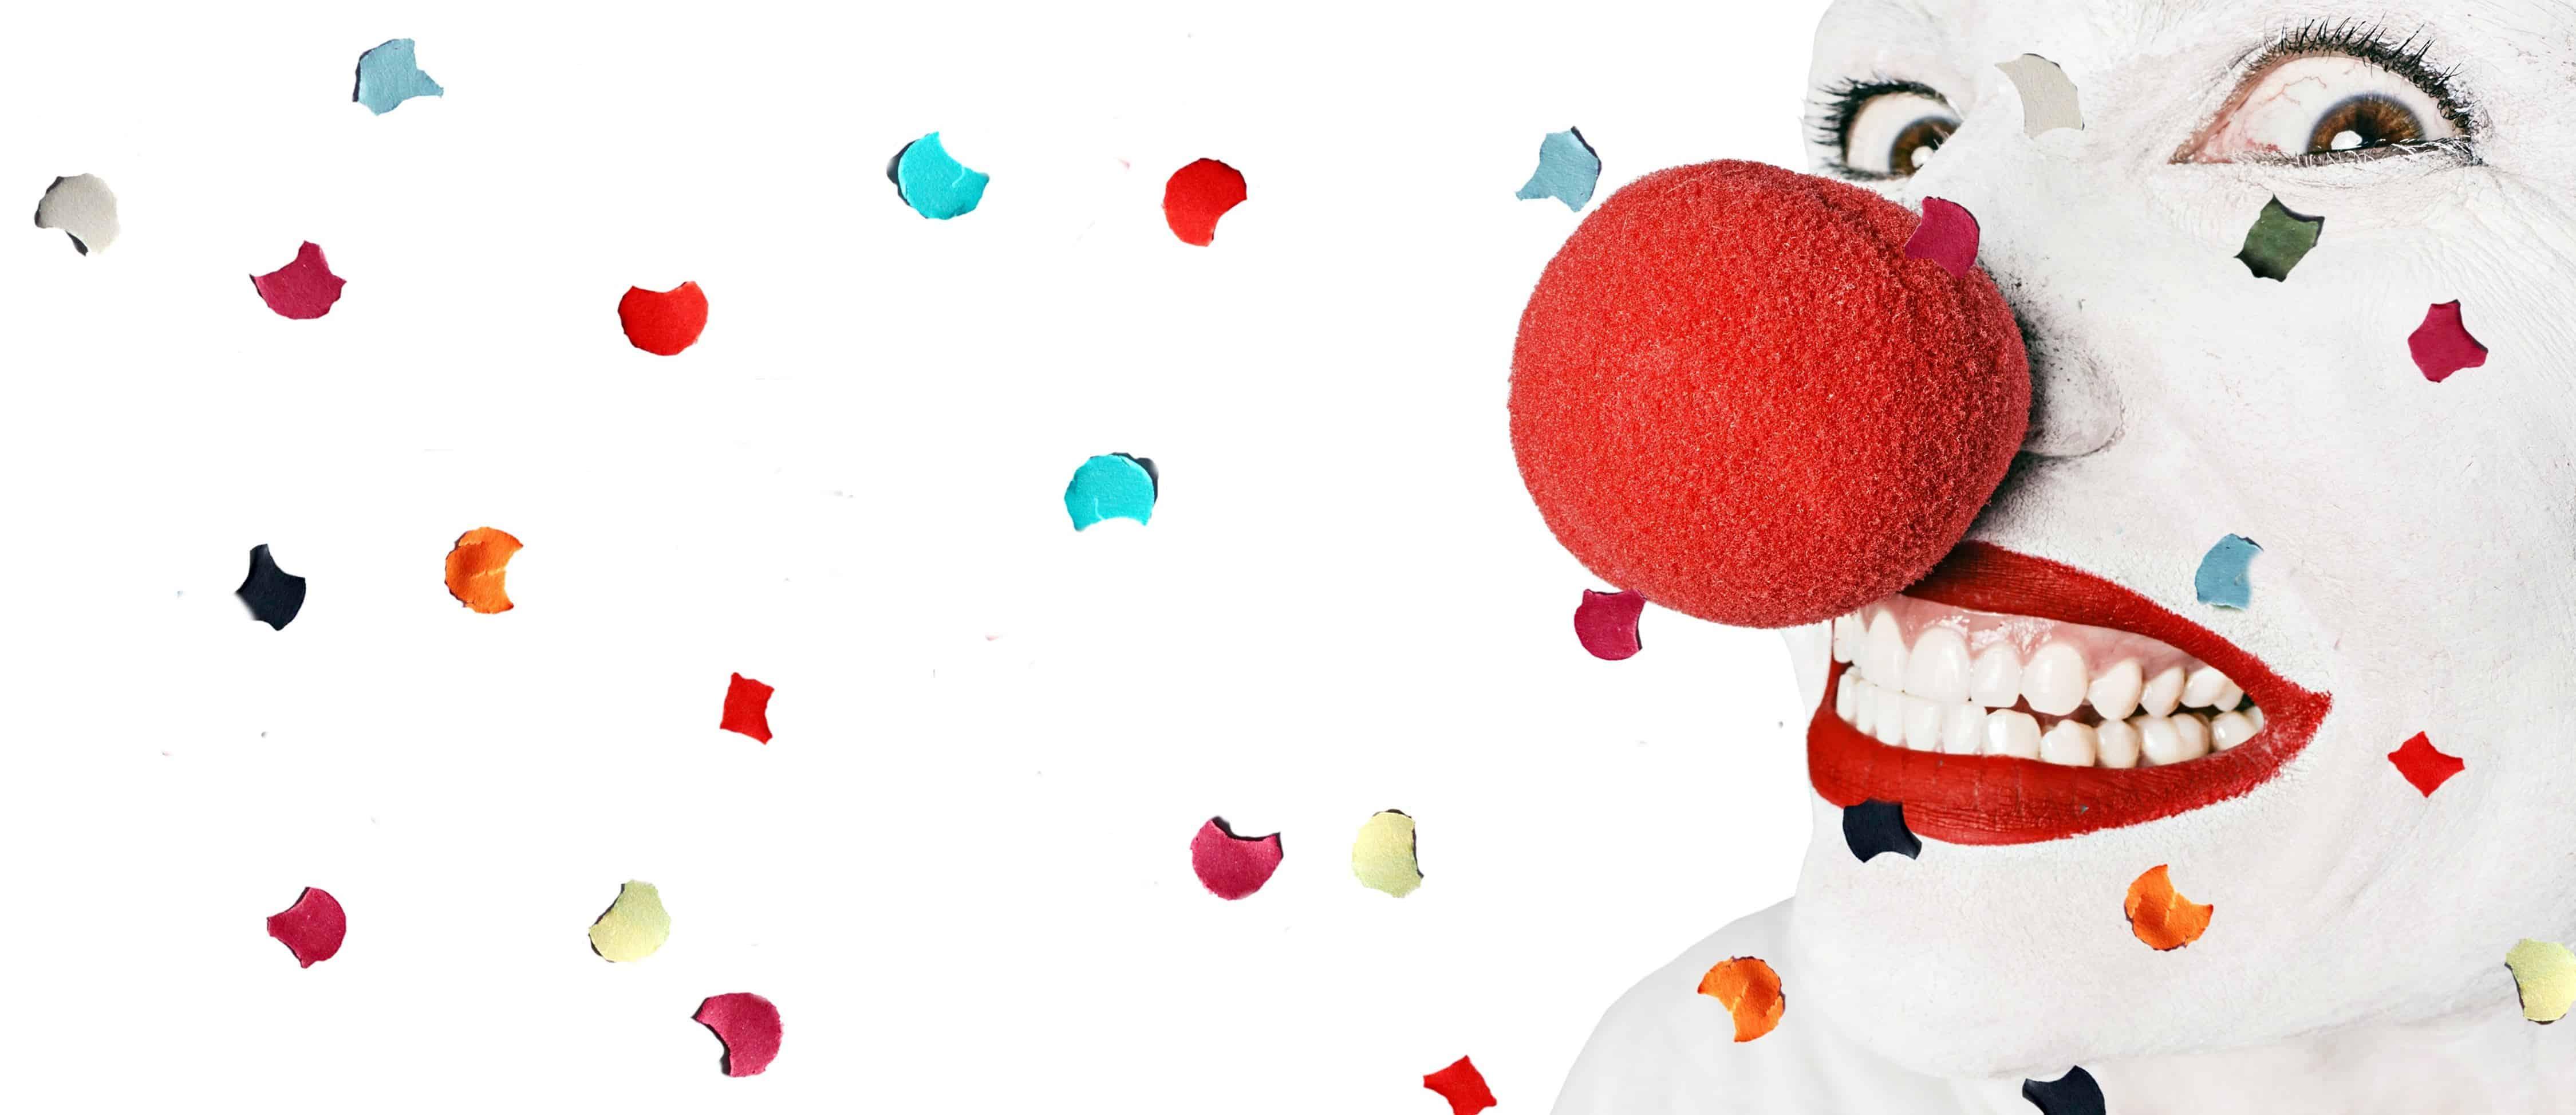 Kostenlose Bild Clown Nase Make Up Kostüm Bunte Augen Zähne